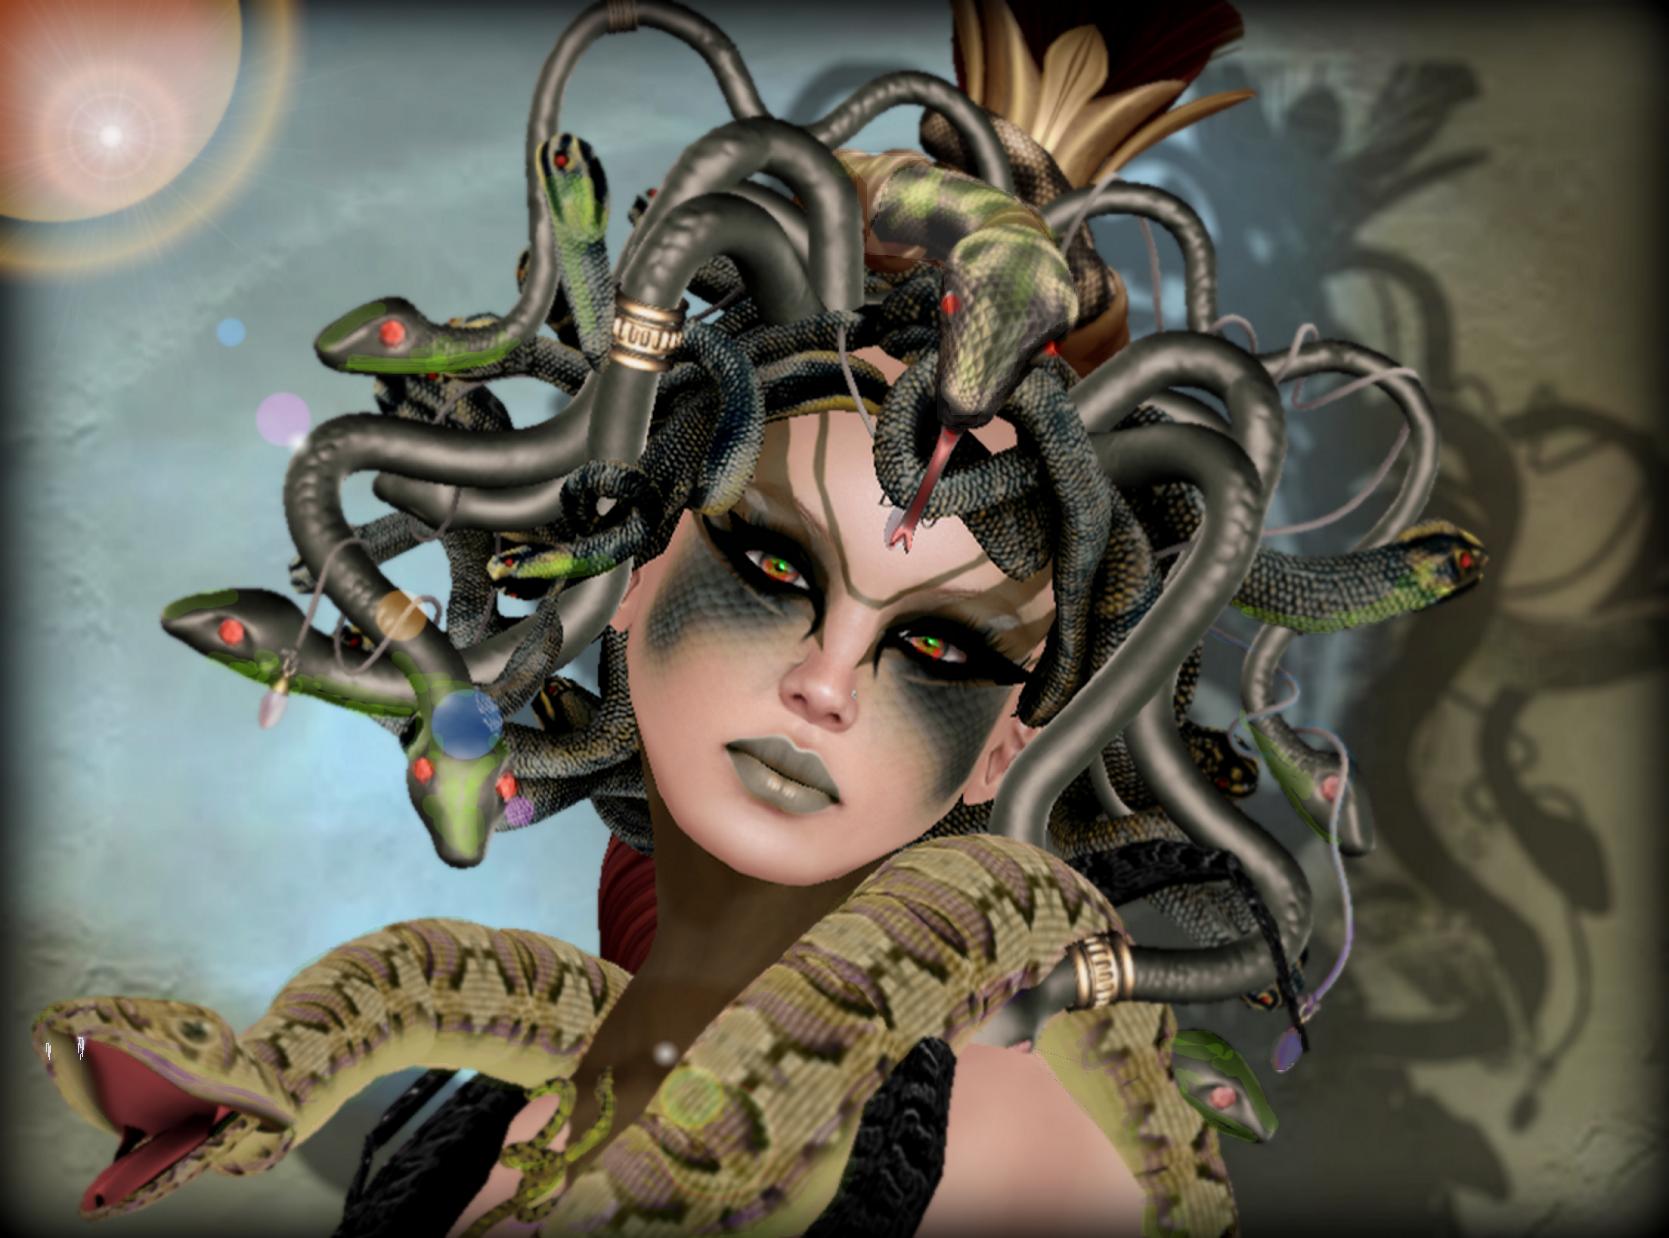 A snake of june rokugatsu no hebi 8